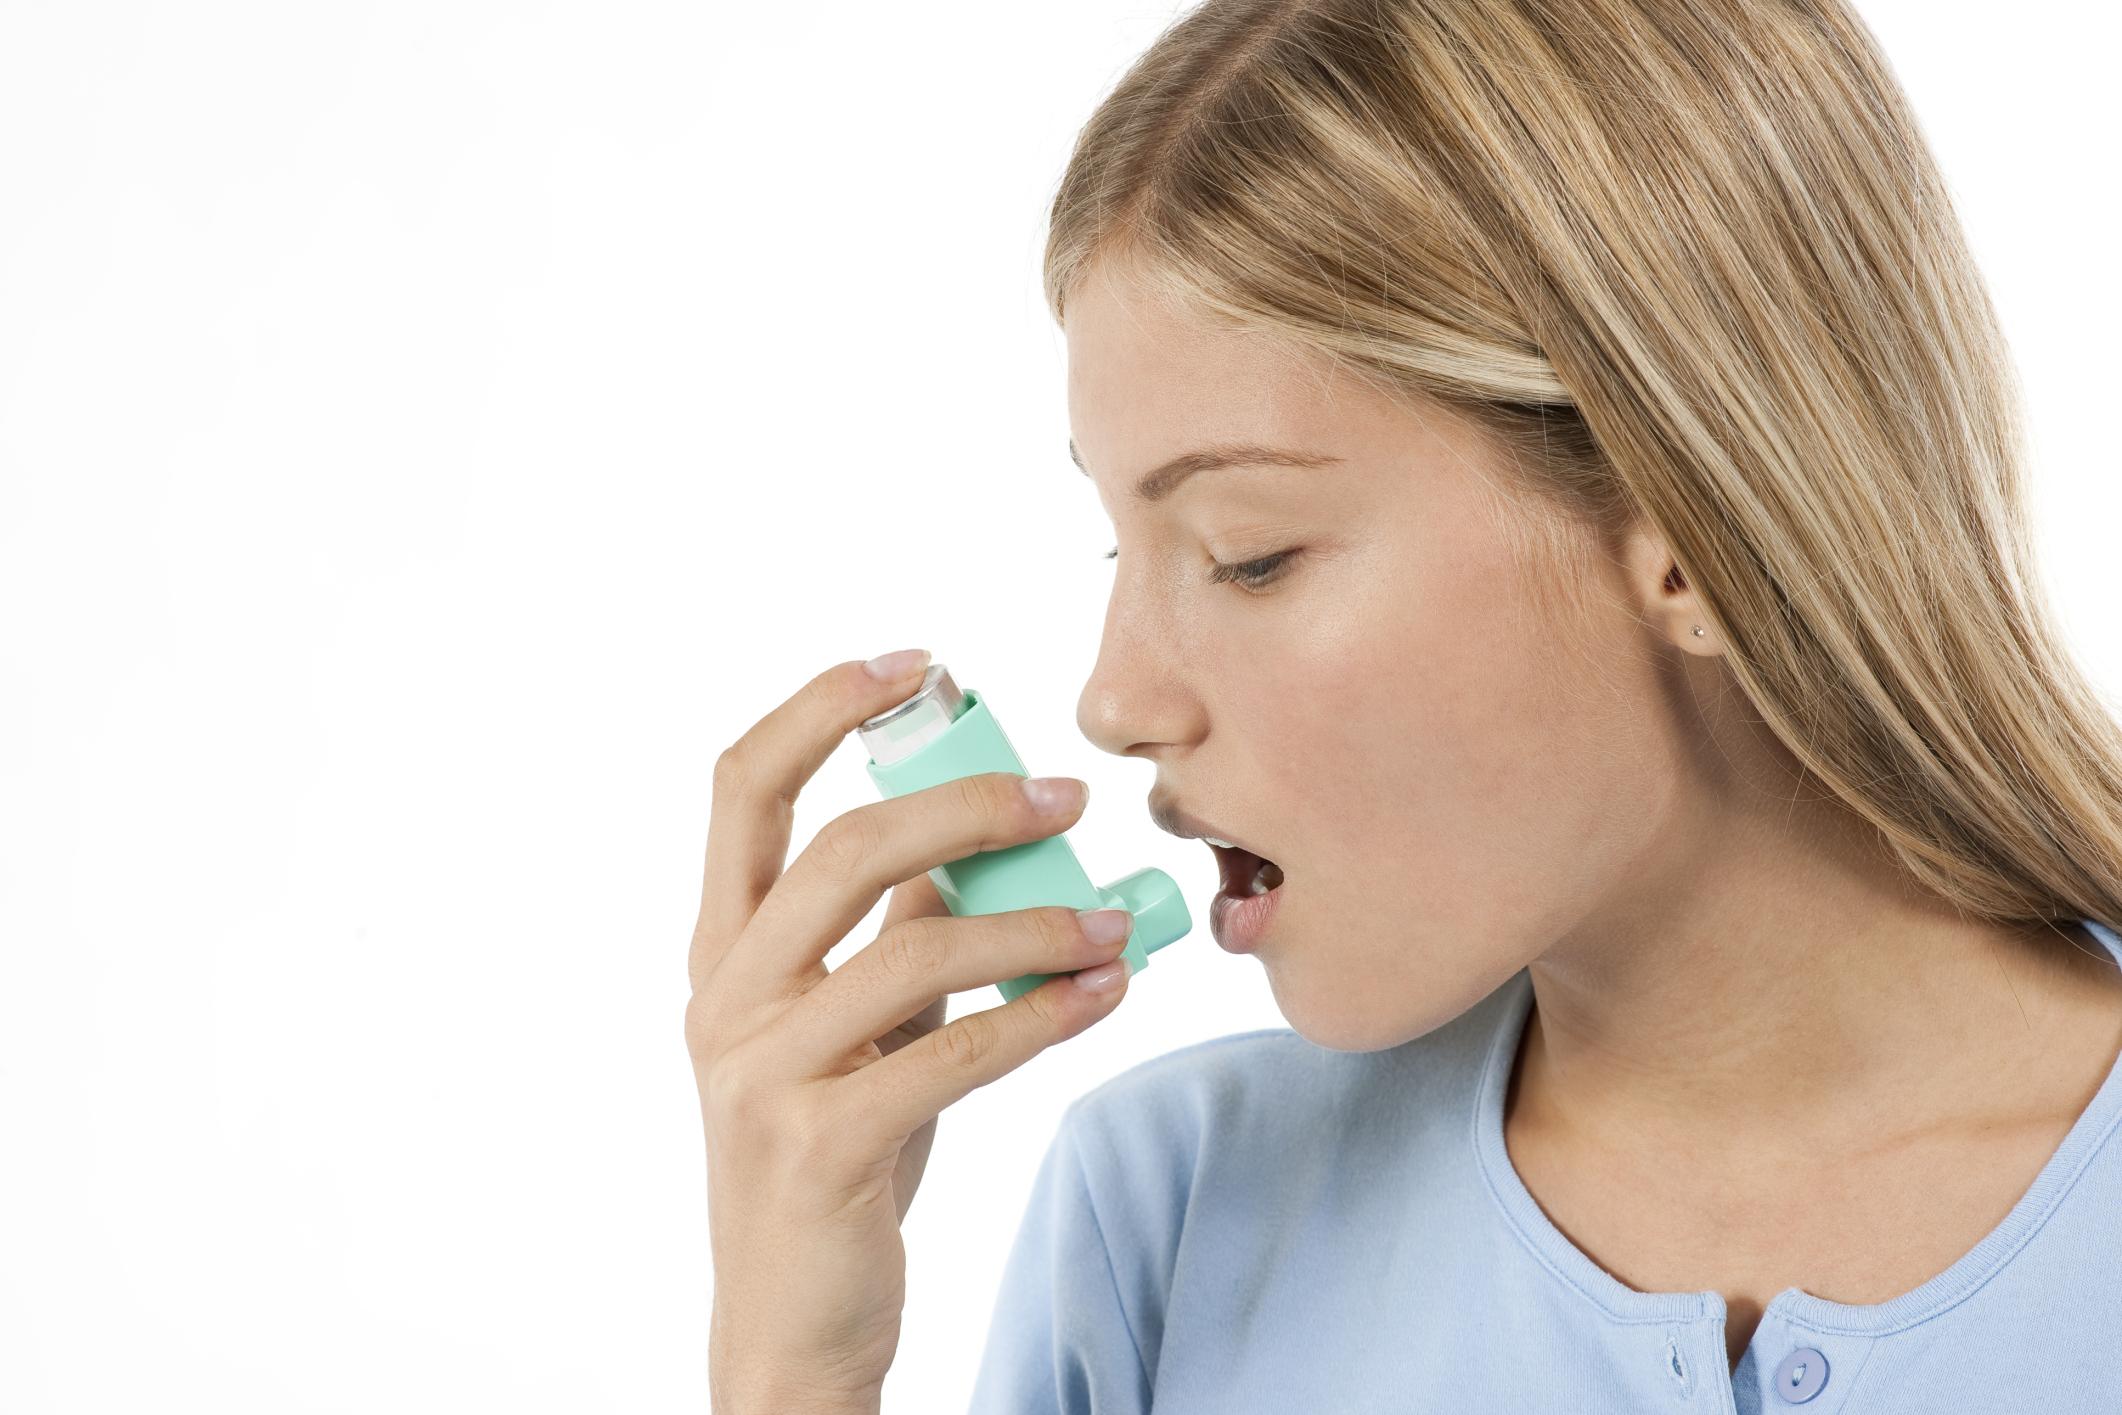 asthmatique - définition - C'est quoi